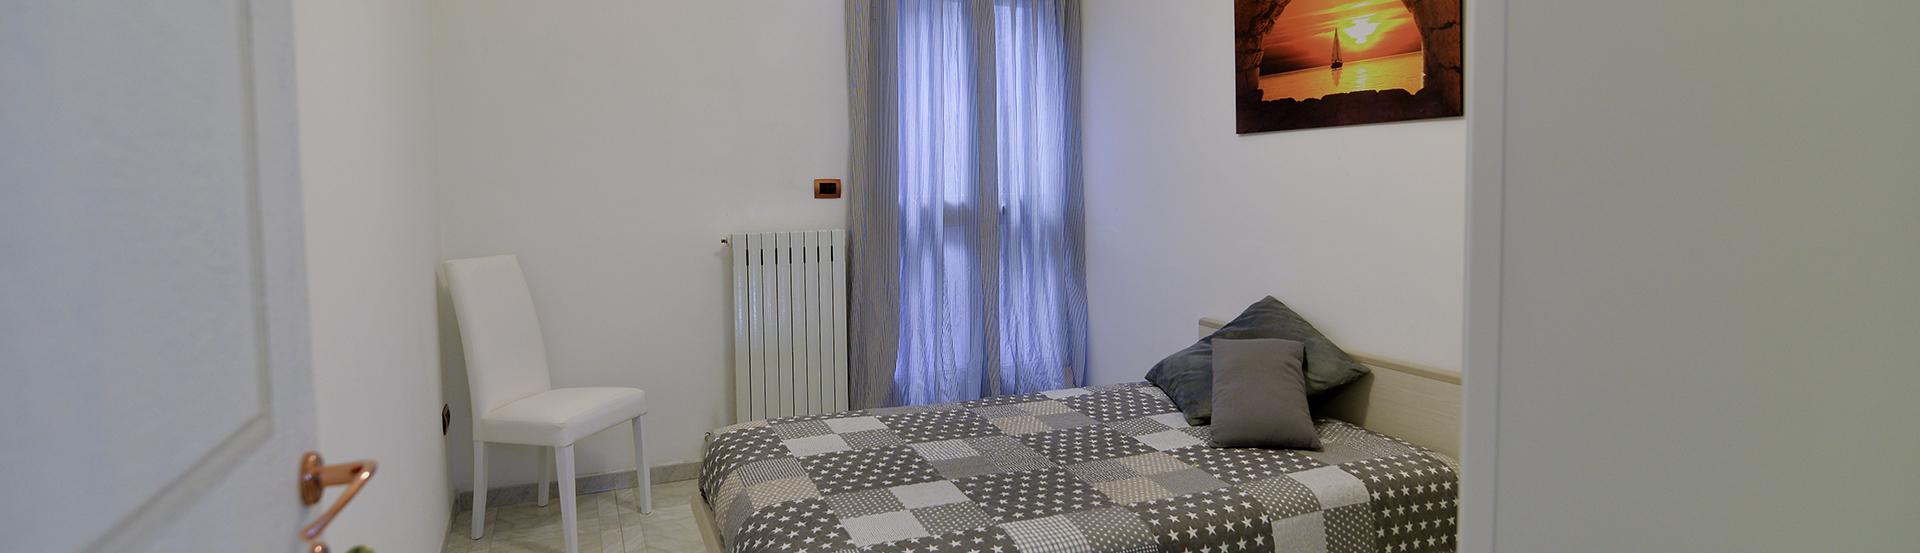 Bed&Breakfast-a-Polignano-a-Mare---Bari---slide-04